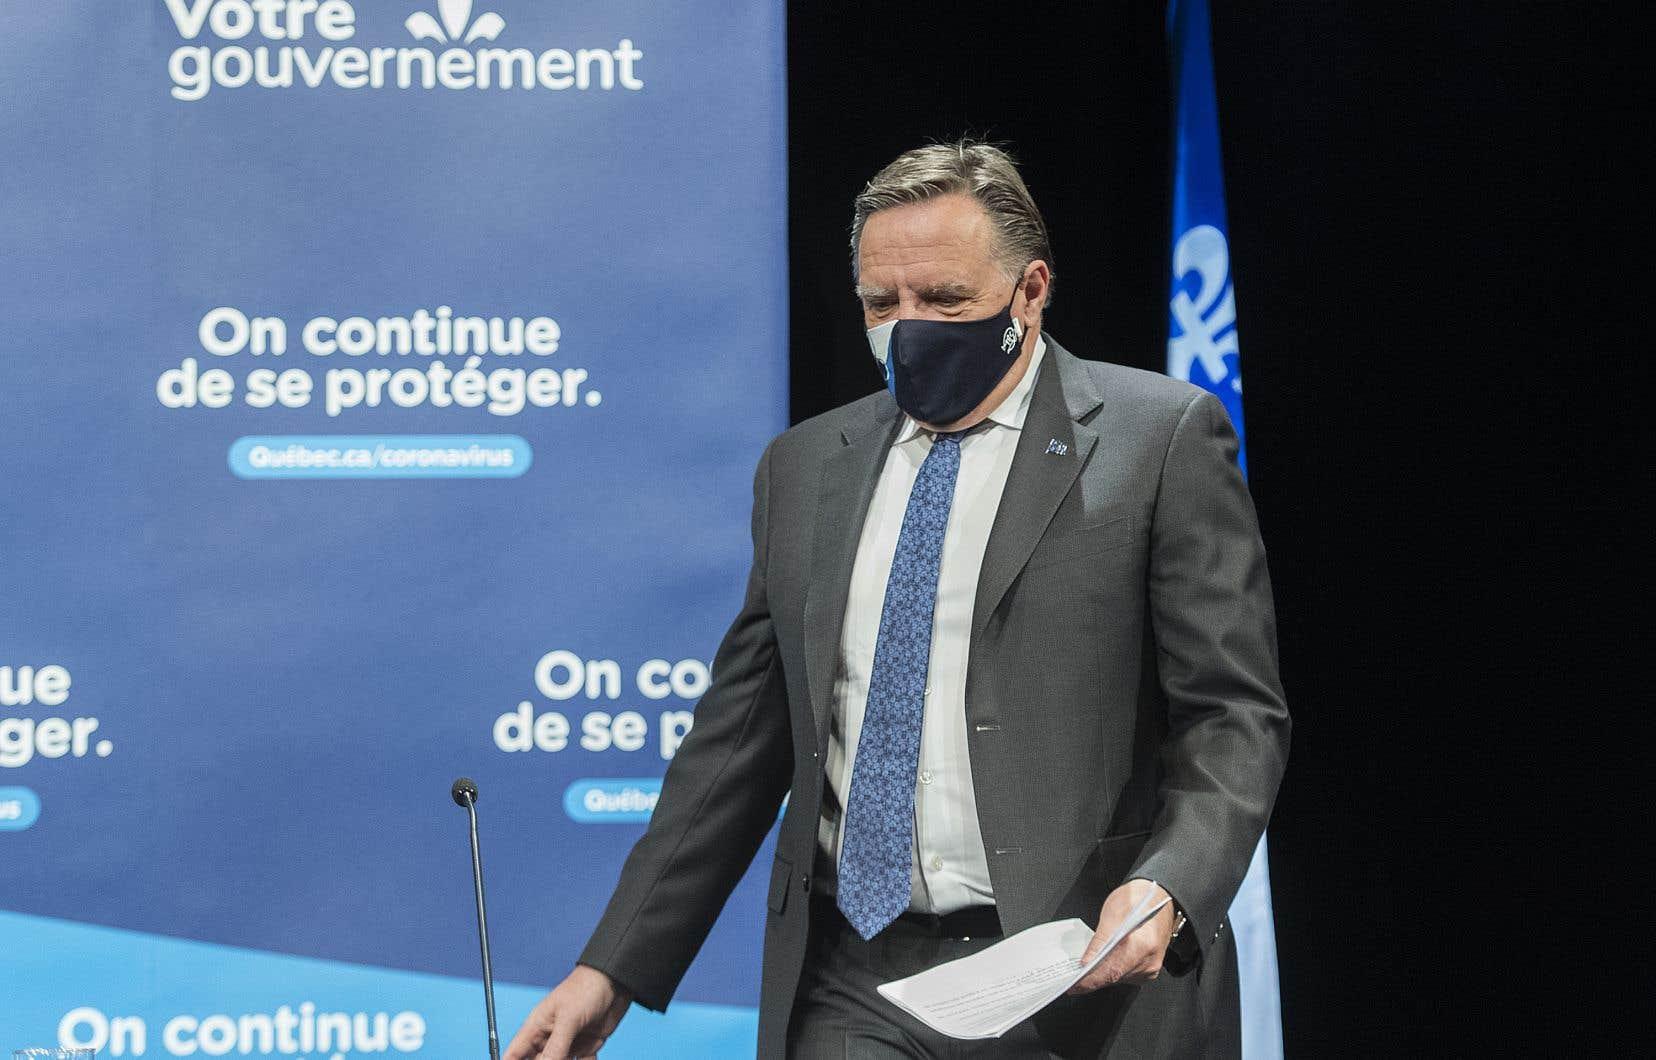 Les menaces auraient été proférées après uneentrevue accordée par François Legault à une radio de la région de Québec concernant le port du masque et les mesures sanitaires gouvernementales.